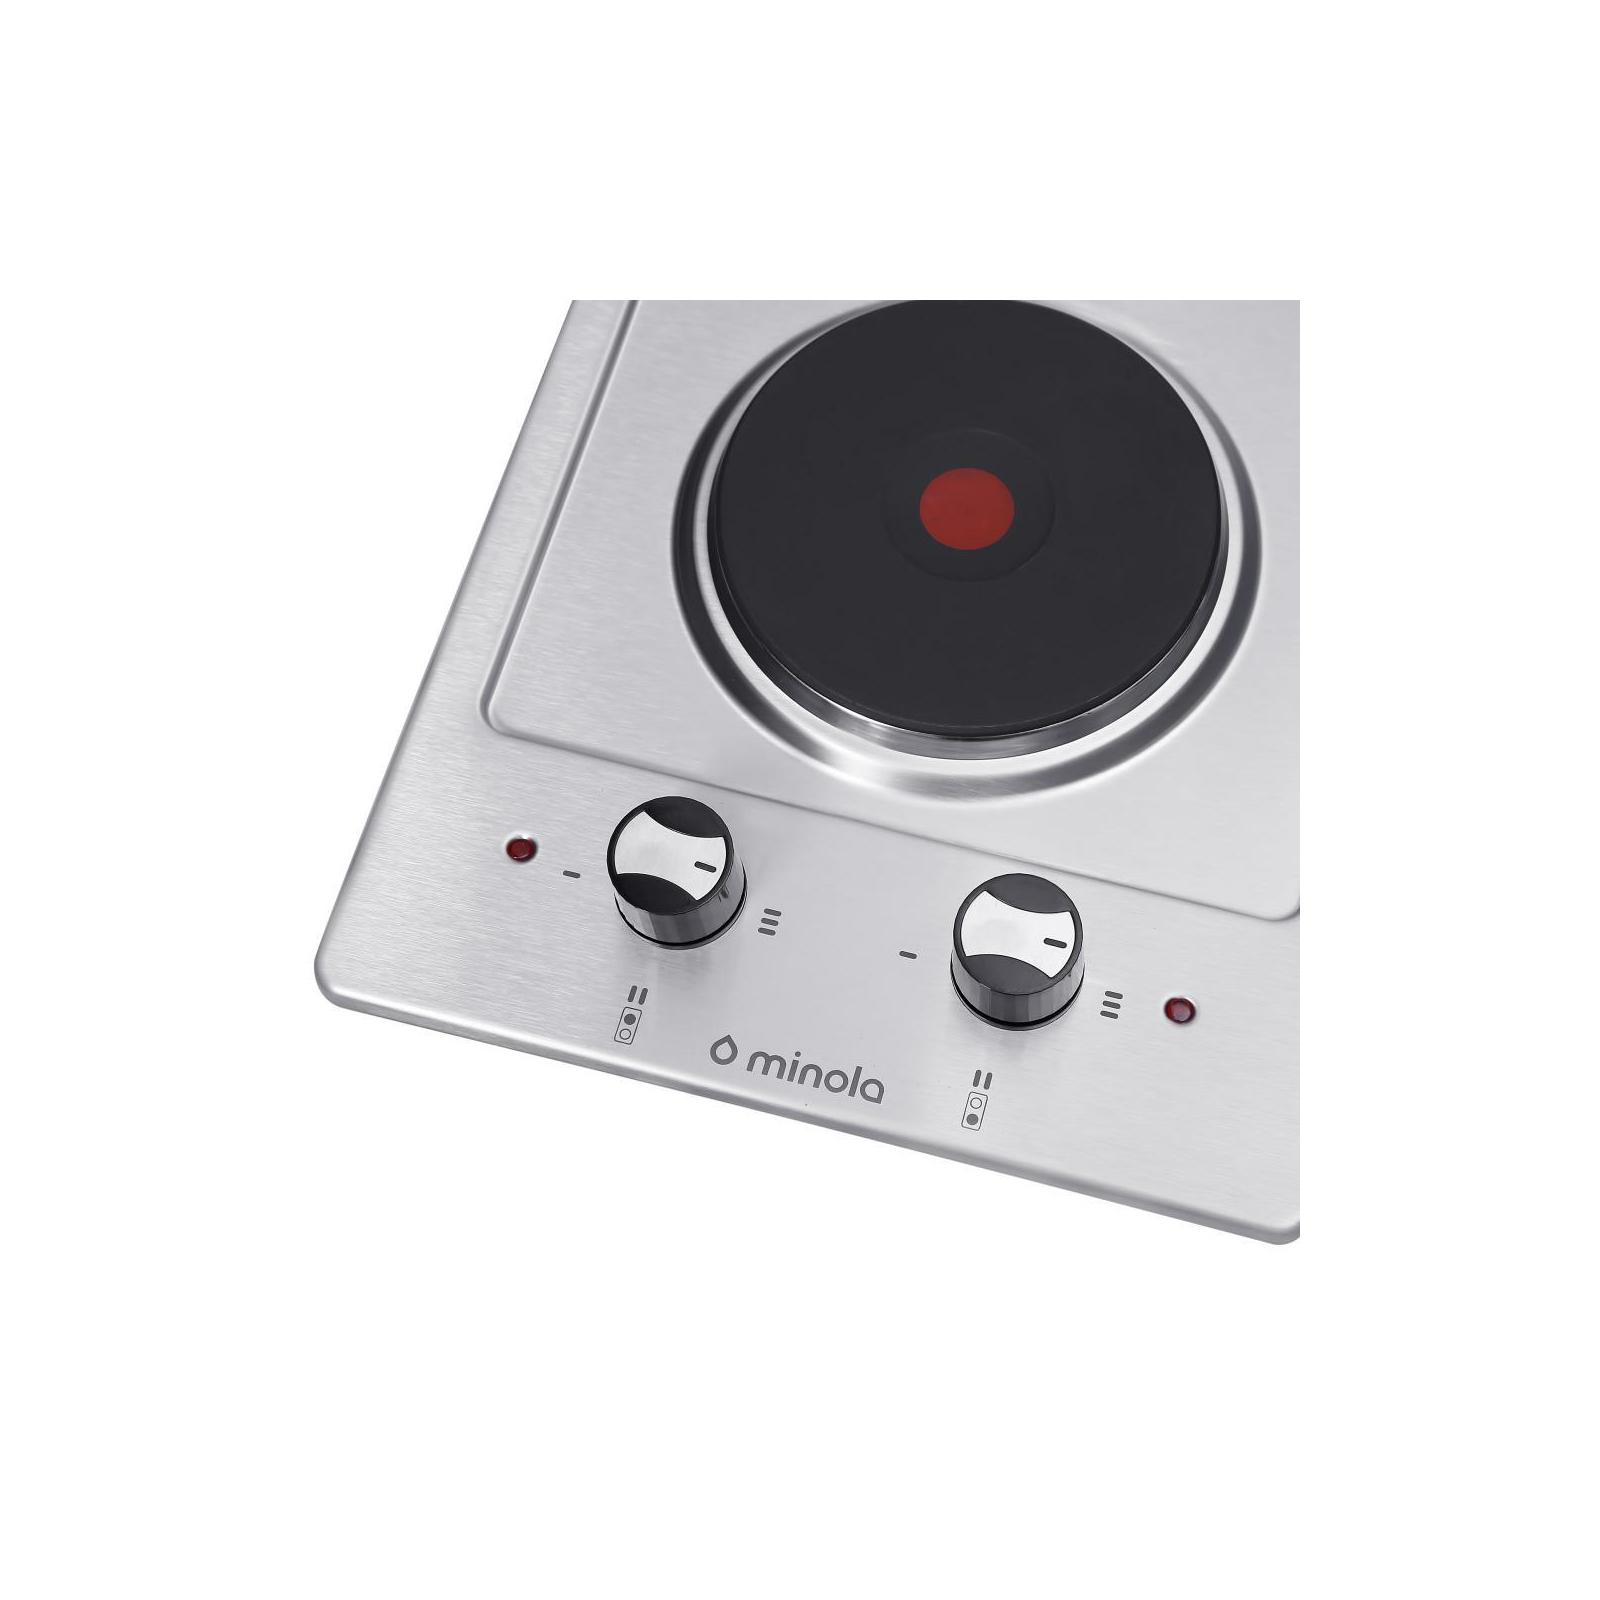 Варочная поверхность MINOLA ME 3203 I изображение 4